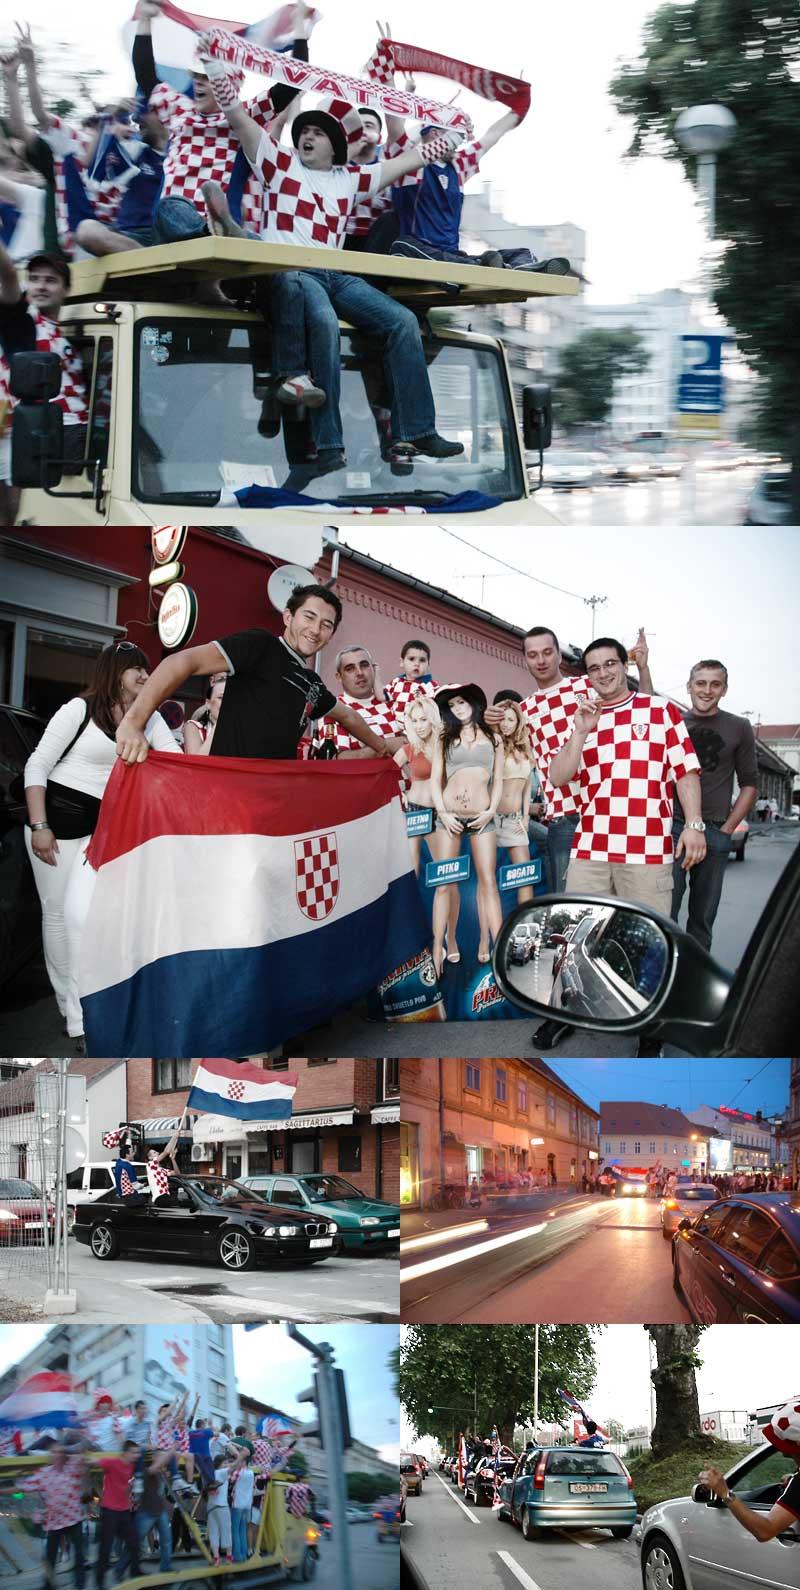 Hrvatska - Austrija, slavlje pobjede!  Samo djelić atmosfere večerašnjeg slavlja na ulicama Osijeka.  Foto: Dario Modrić  Ključne riječi: euro 2008 hrvatska austrija nogomet